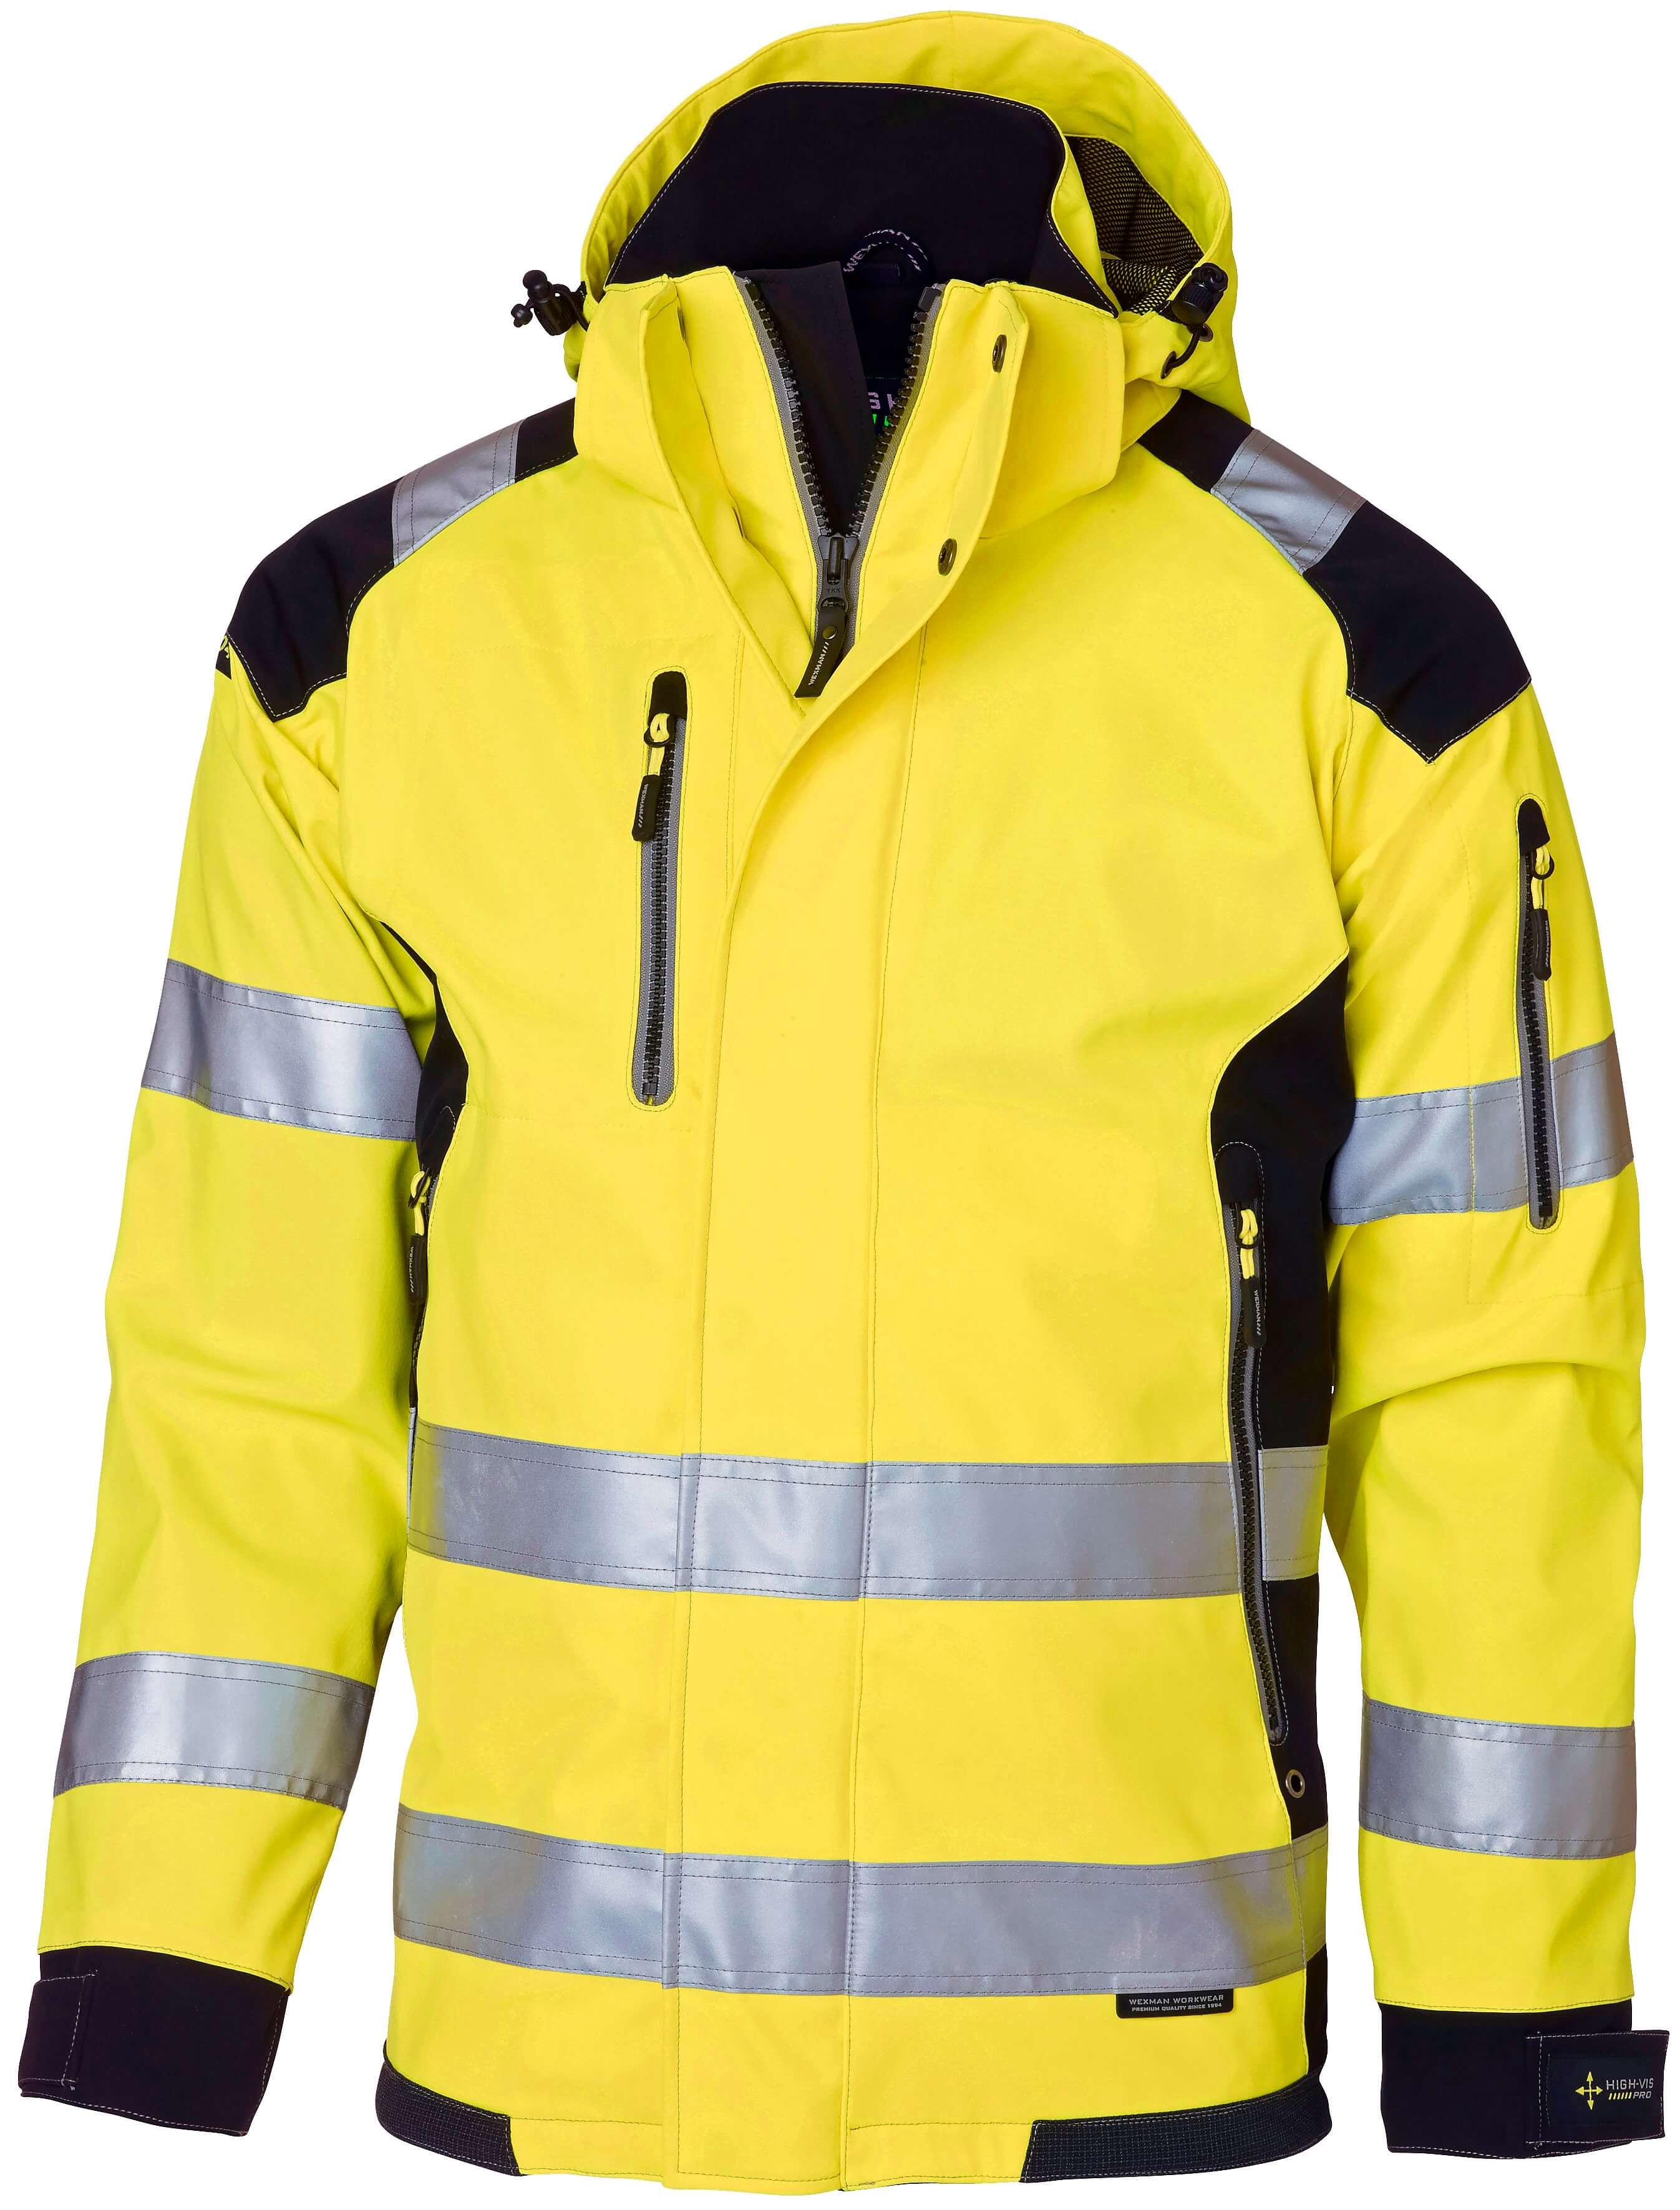 d750df4a Varseljacka Klass 3 | Skaljacka | Arbetsjacka | Wexman Workwear®